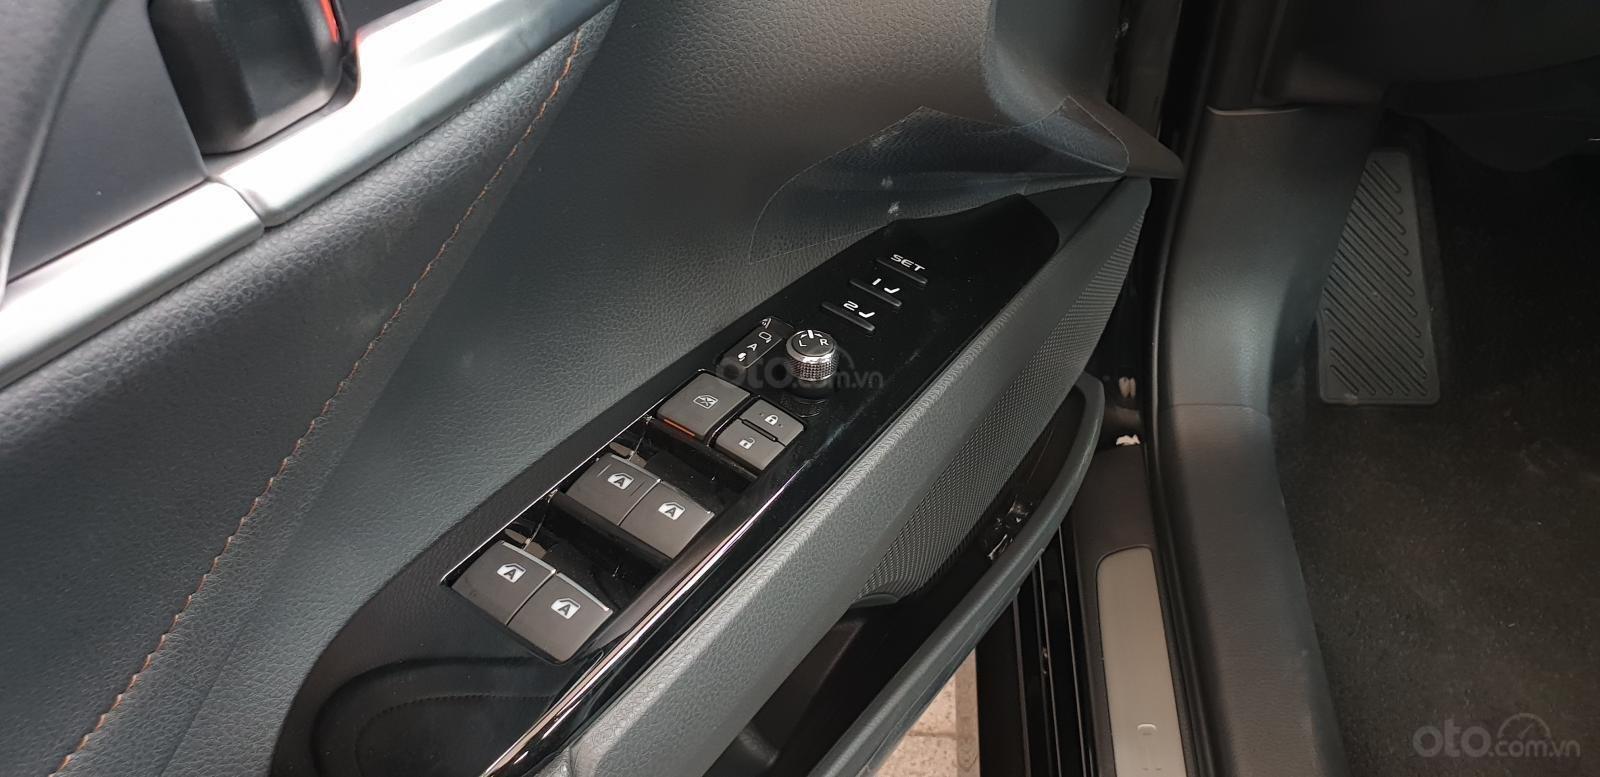 Bán Toyota Camry 2.5Q nhập khẩu giao ngay, giá tốt, liên hệ 0987404316 - 0355283111-11